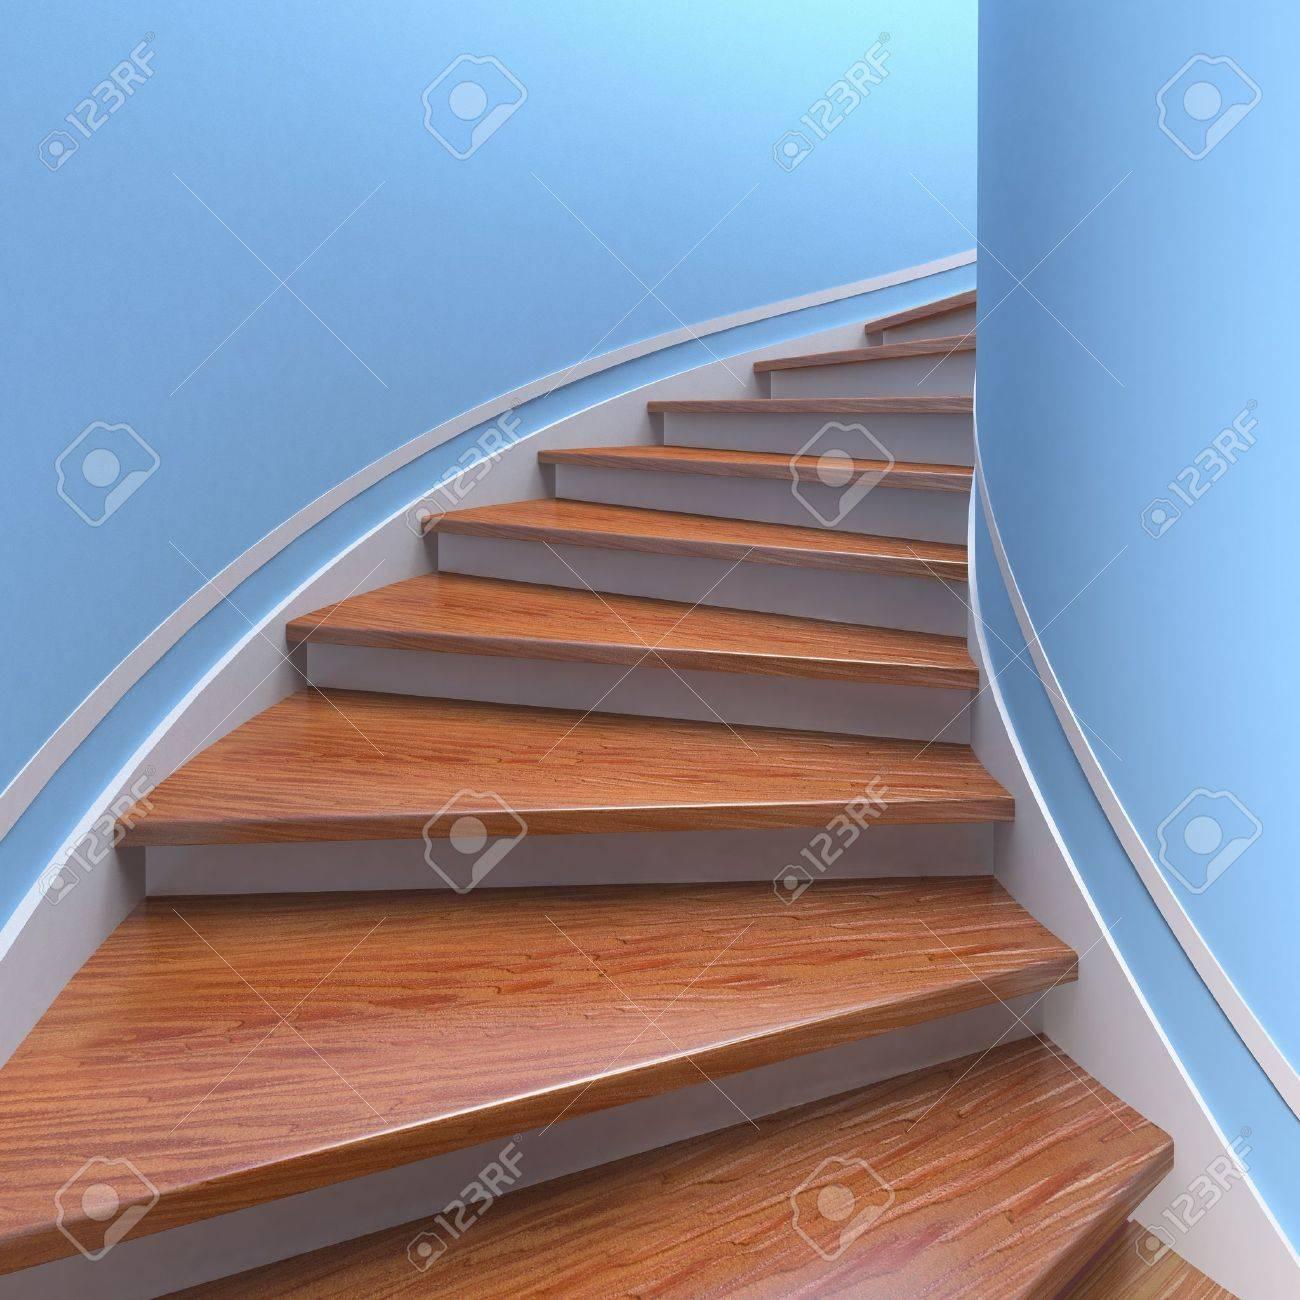 escaleras de madera hacia arriba escaleras de caracol de madera d